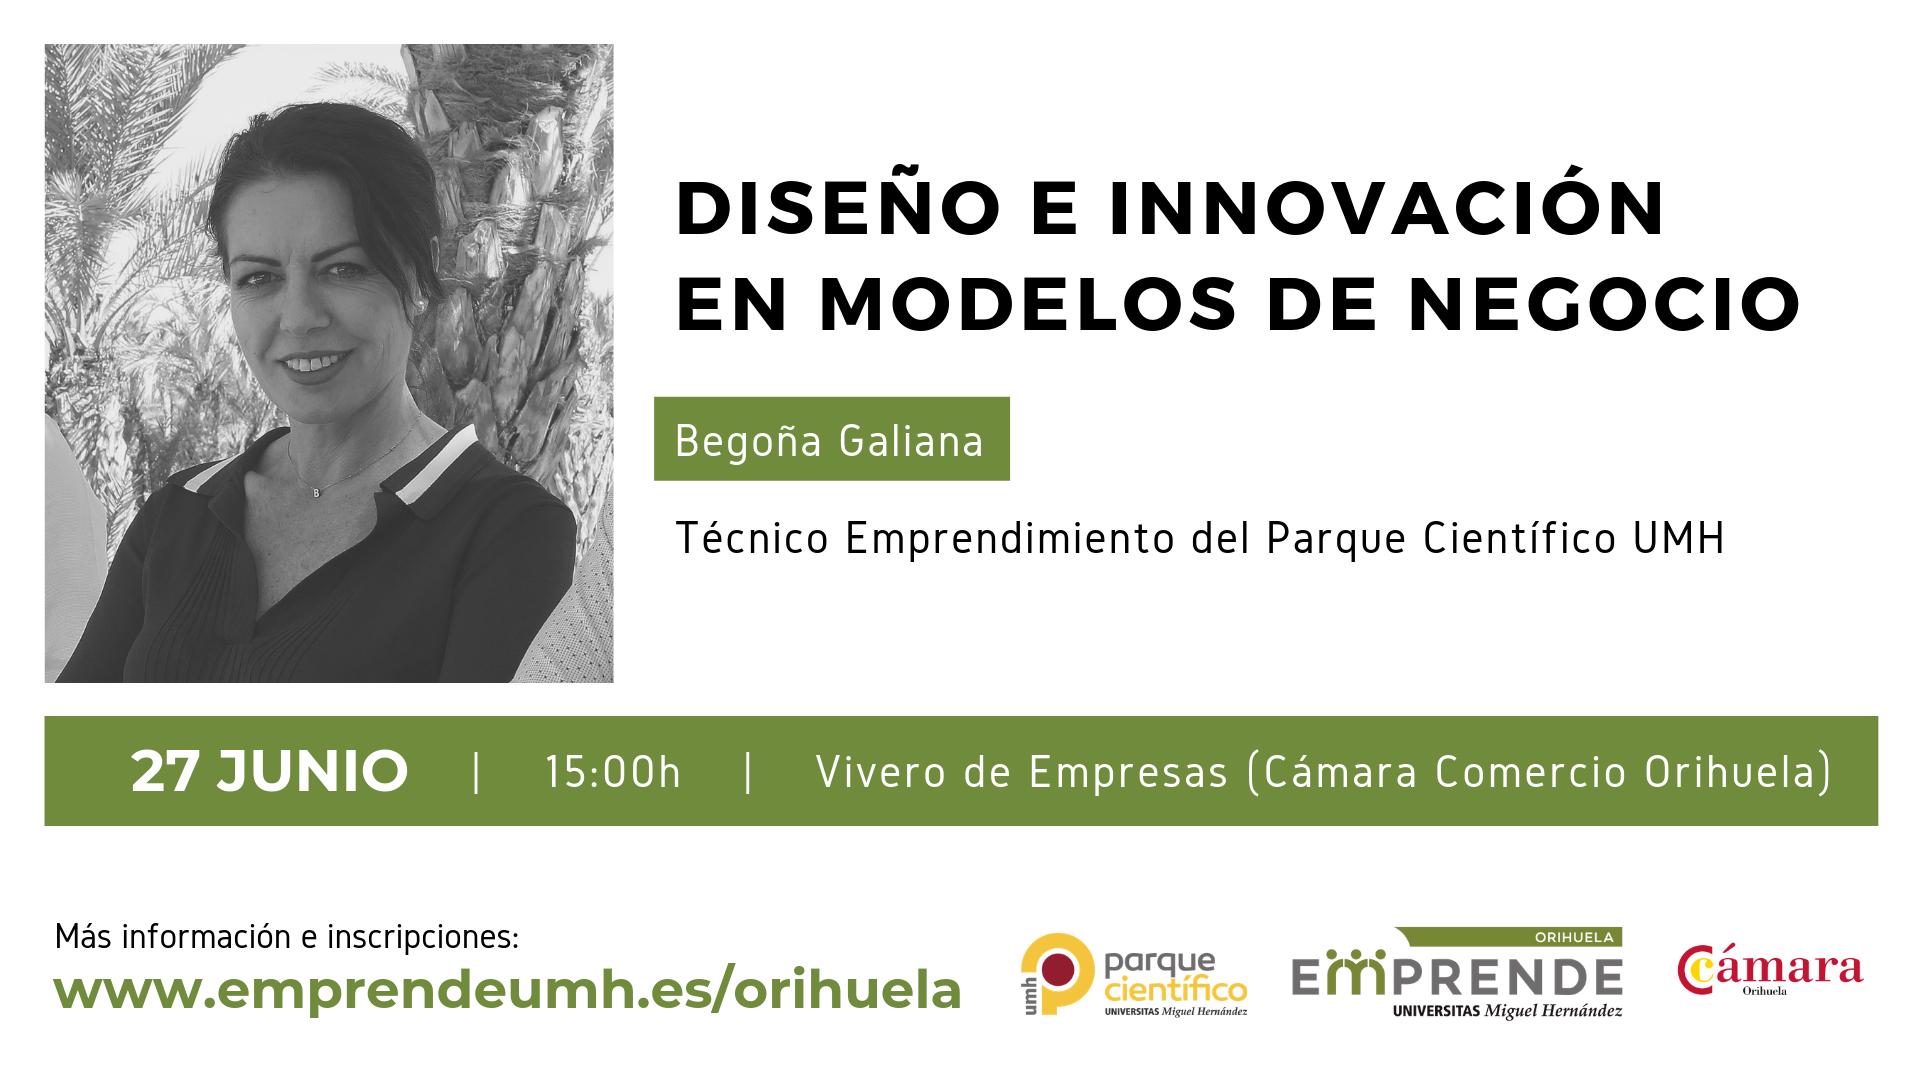 Arranca Orihuela Emprende con una jornada formativa sobre diseño de modelos de negocio